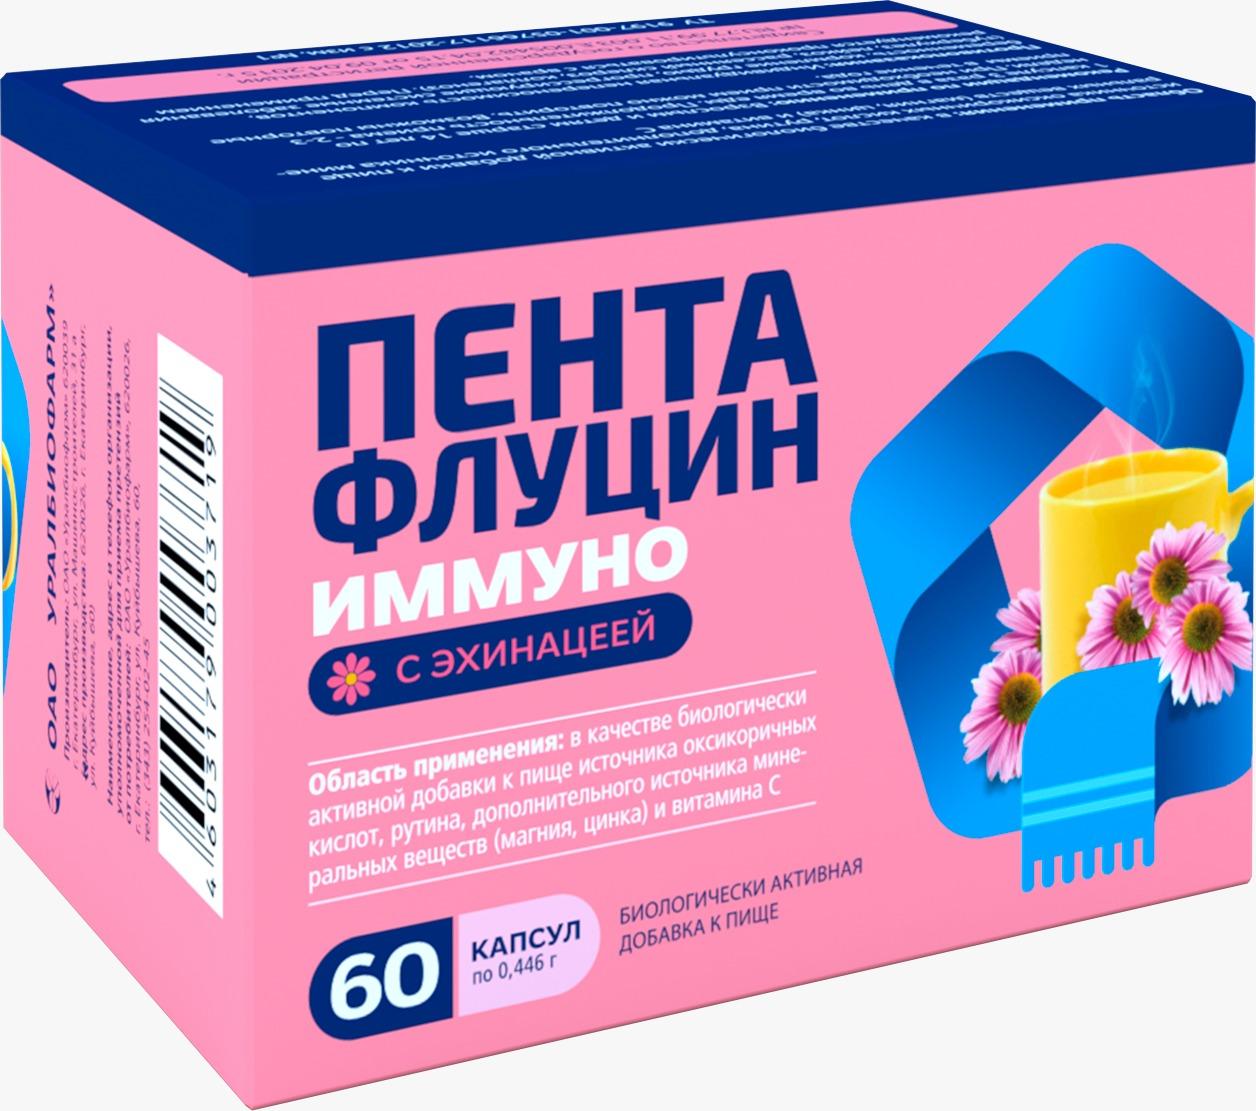 Пентафлуцин Иммуно